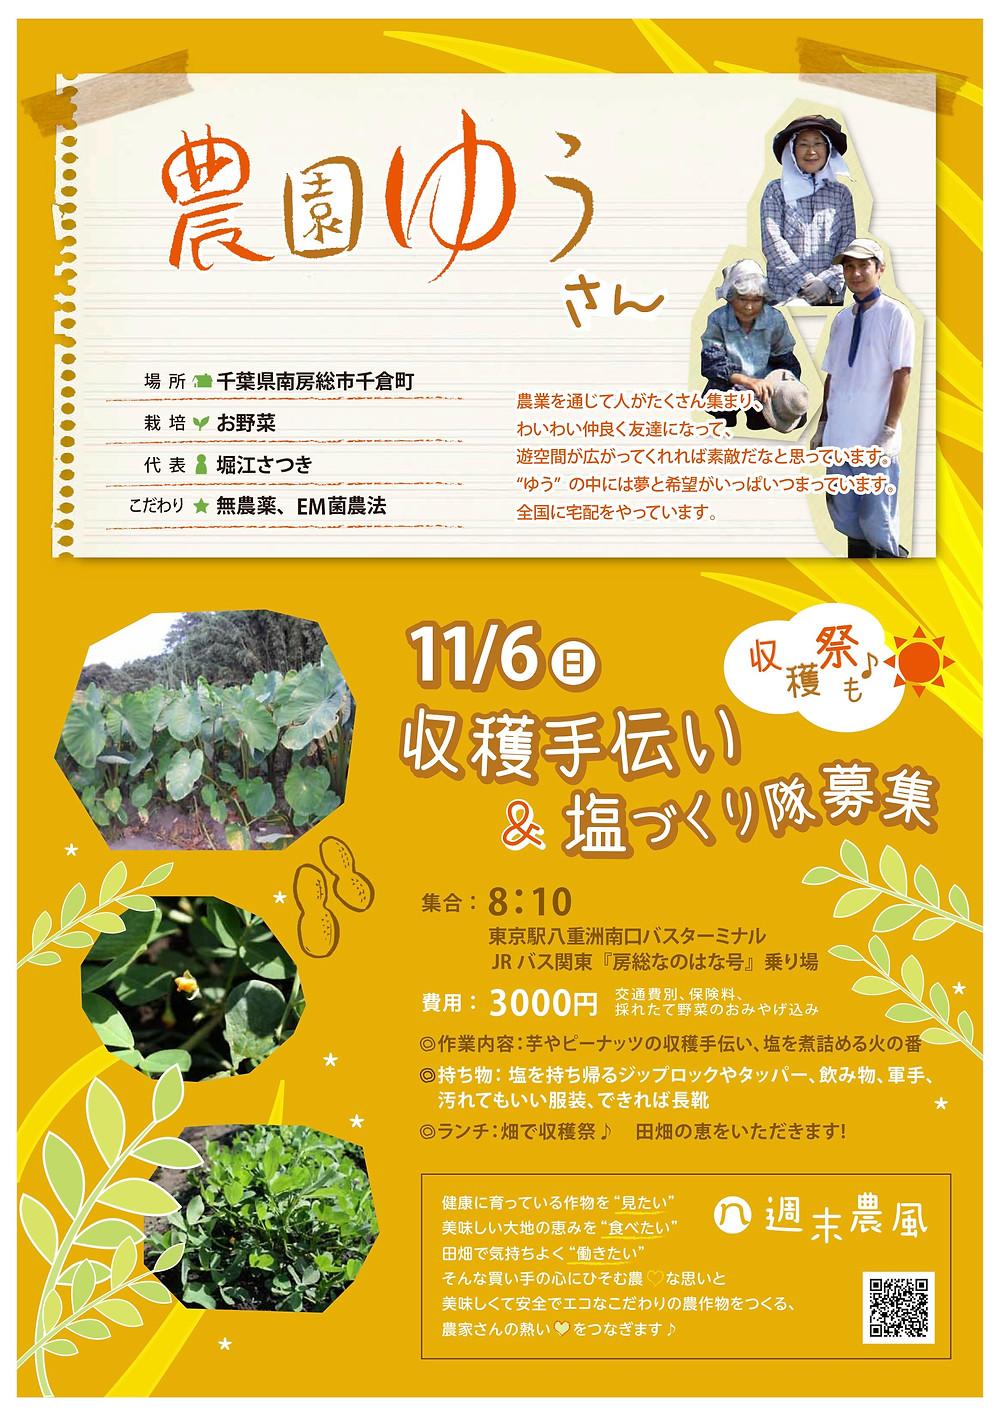 18 Poster Nov,2011_ゆう_small